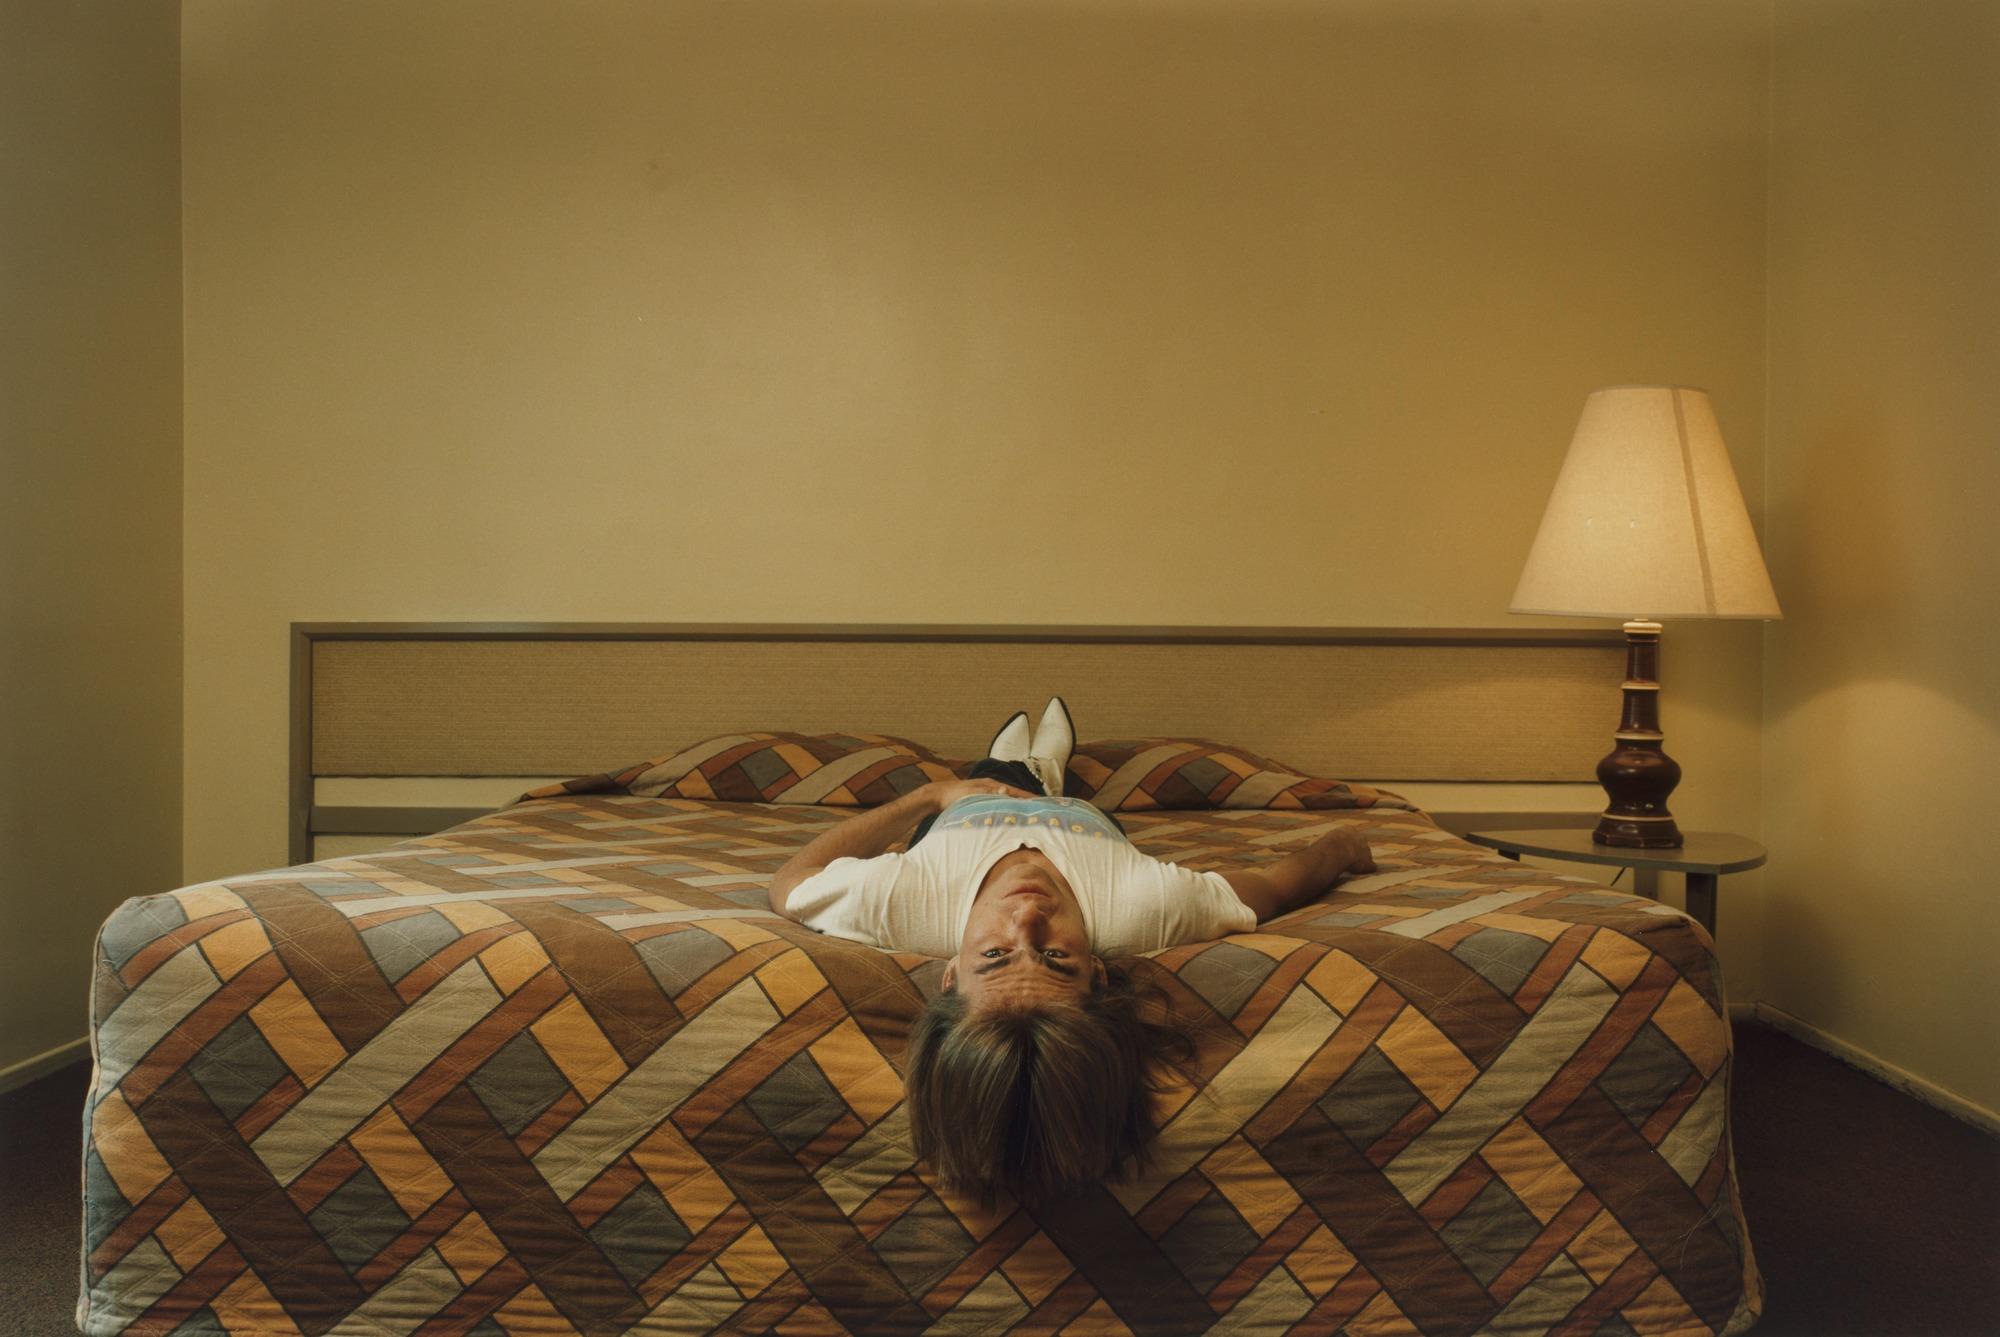 [ Photographe ] Philip-Lorca Dicoria - Zoom'Up cours photo